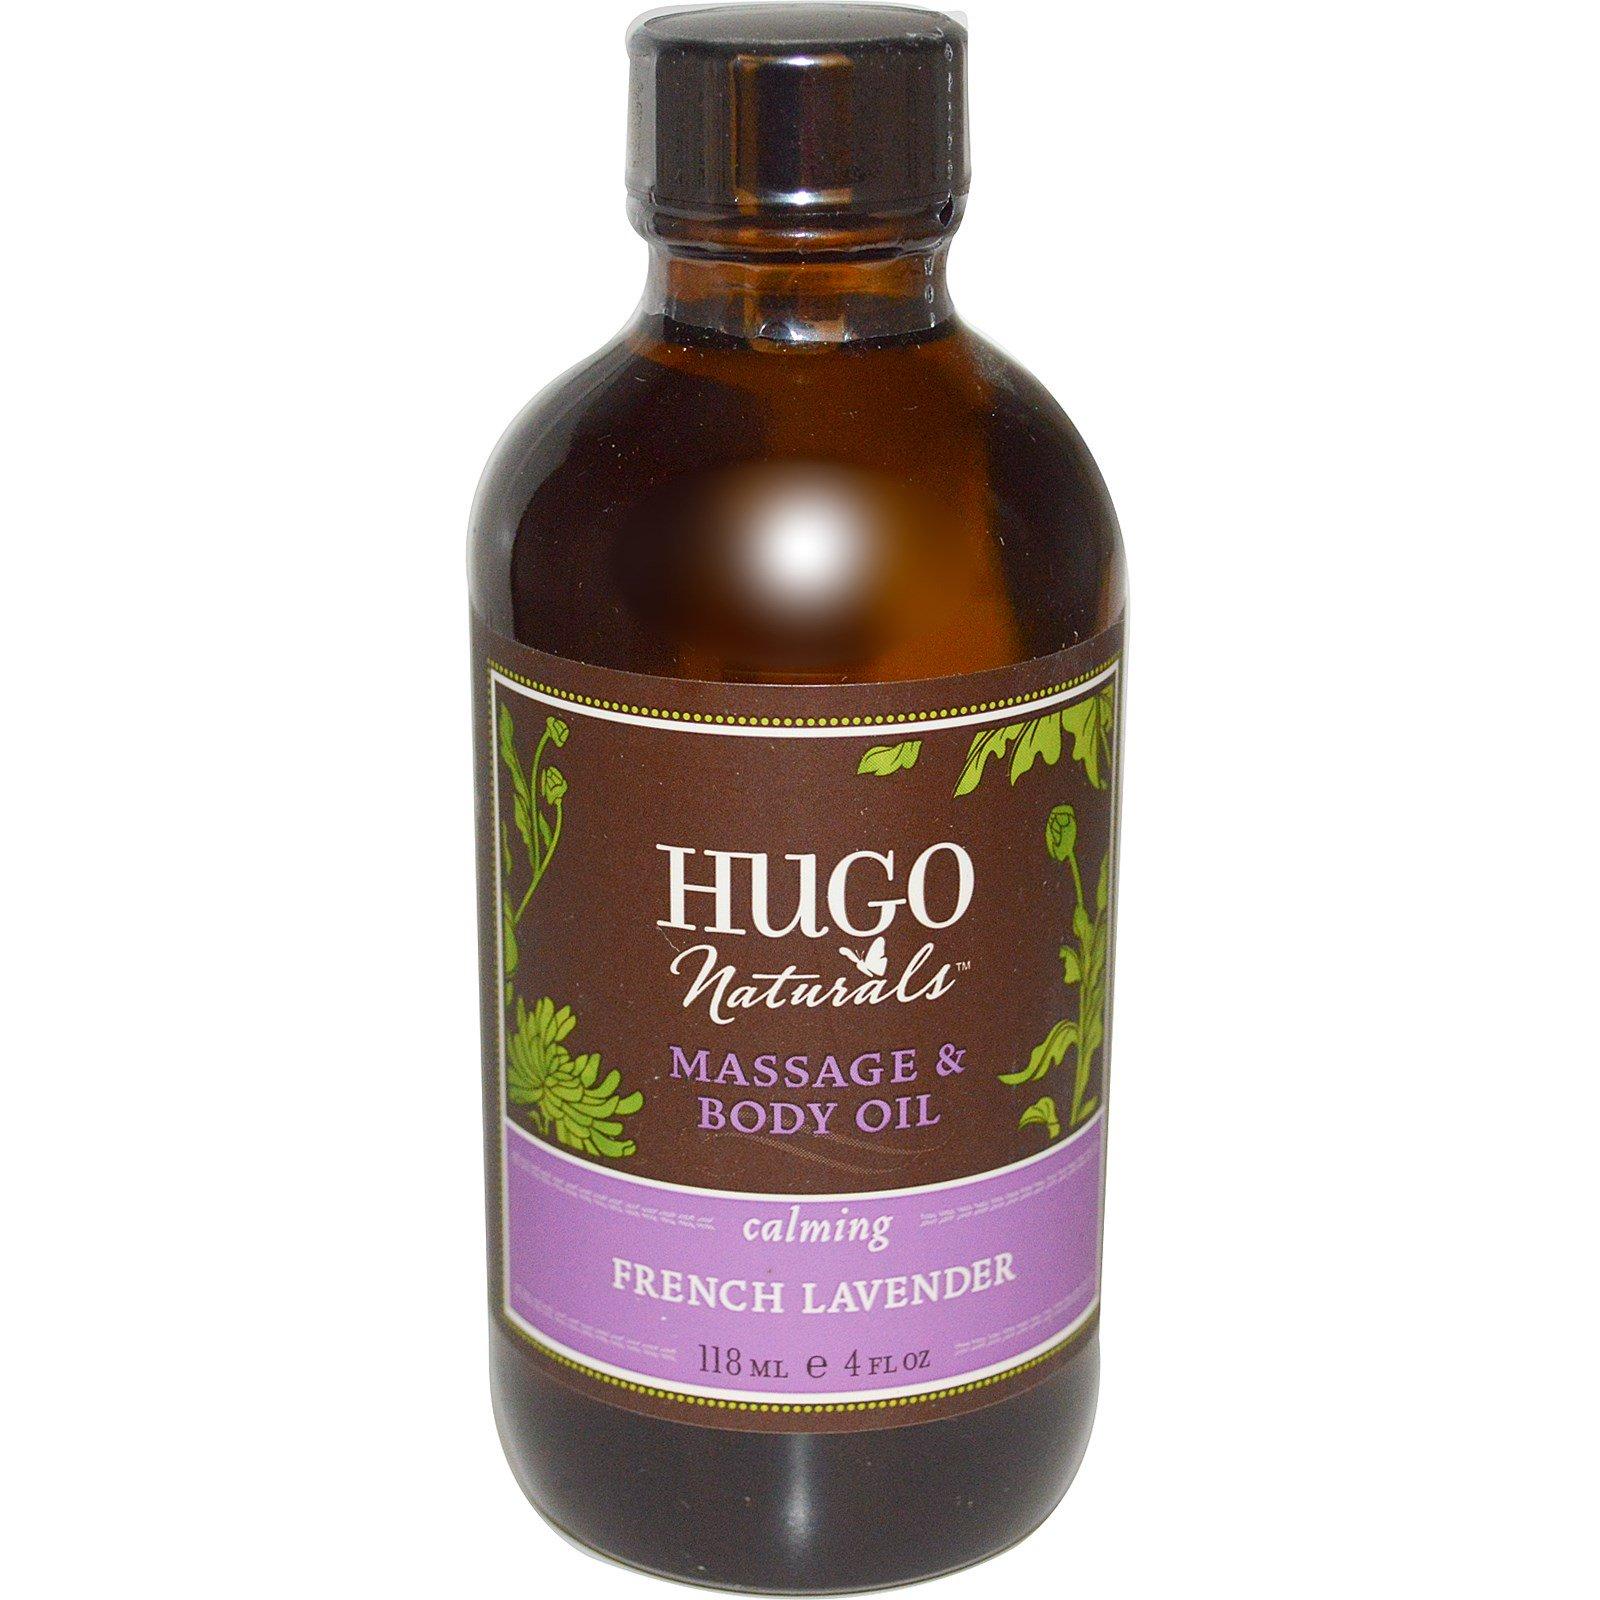 Hugo Naturals, Массажное Масло для Тела, Французская Лаванда 4 жидких унции (118 мл)